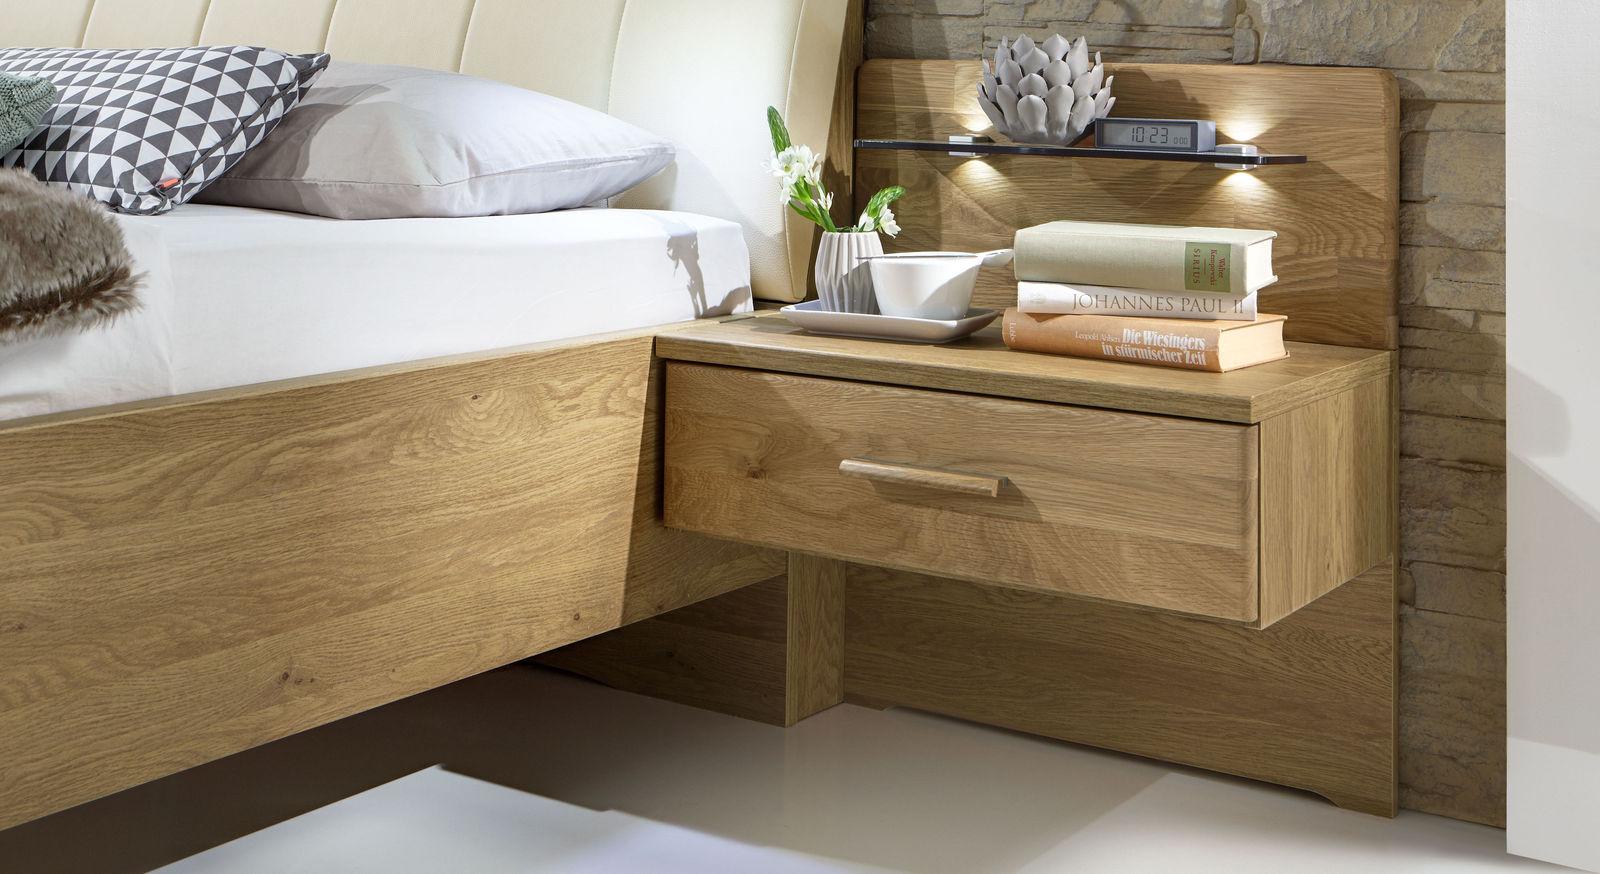 nachttisch in eiche optional mit glasboden beleuchtung temir. Black Bedroom Furniture Sets. Home Design Ideas